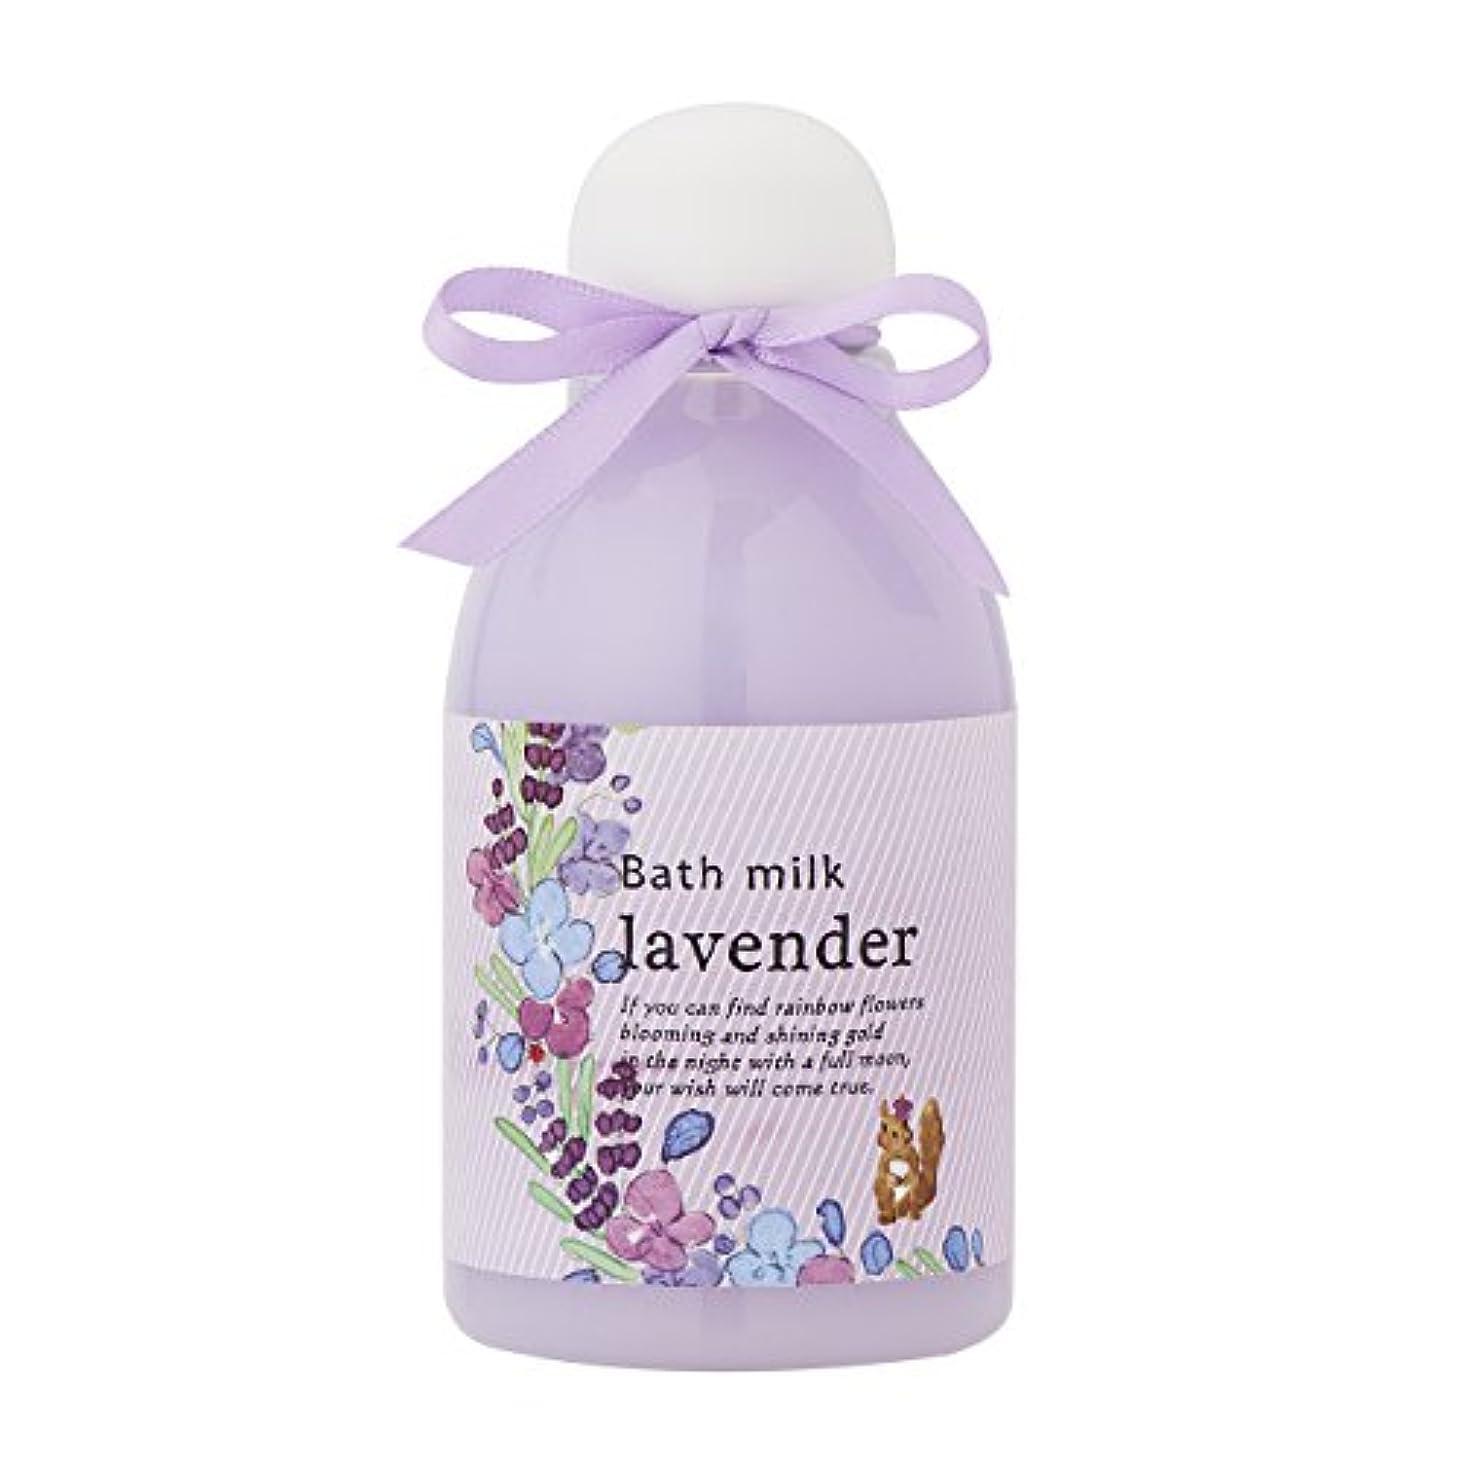 買い手改革いくつかのサンハーブ バスミルク ラベンダー 200ml(バブルバスタイプ入浴料 泡風呂 ふわっと爽やかなラベンダーの香り)